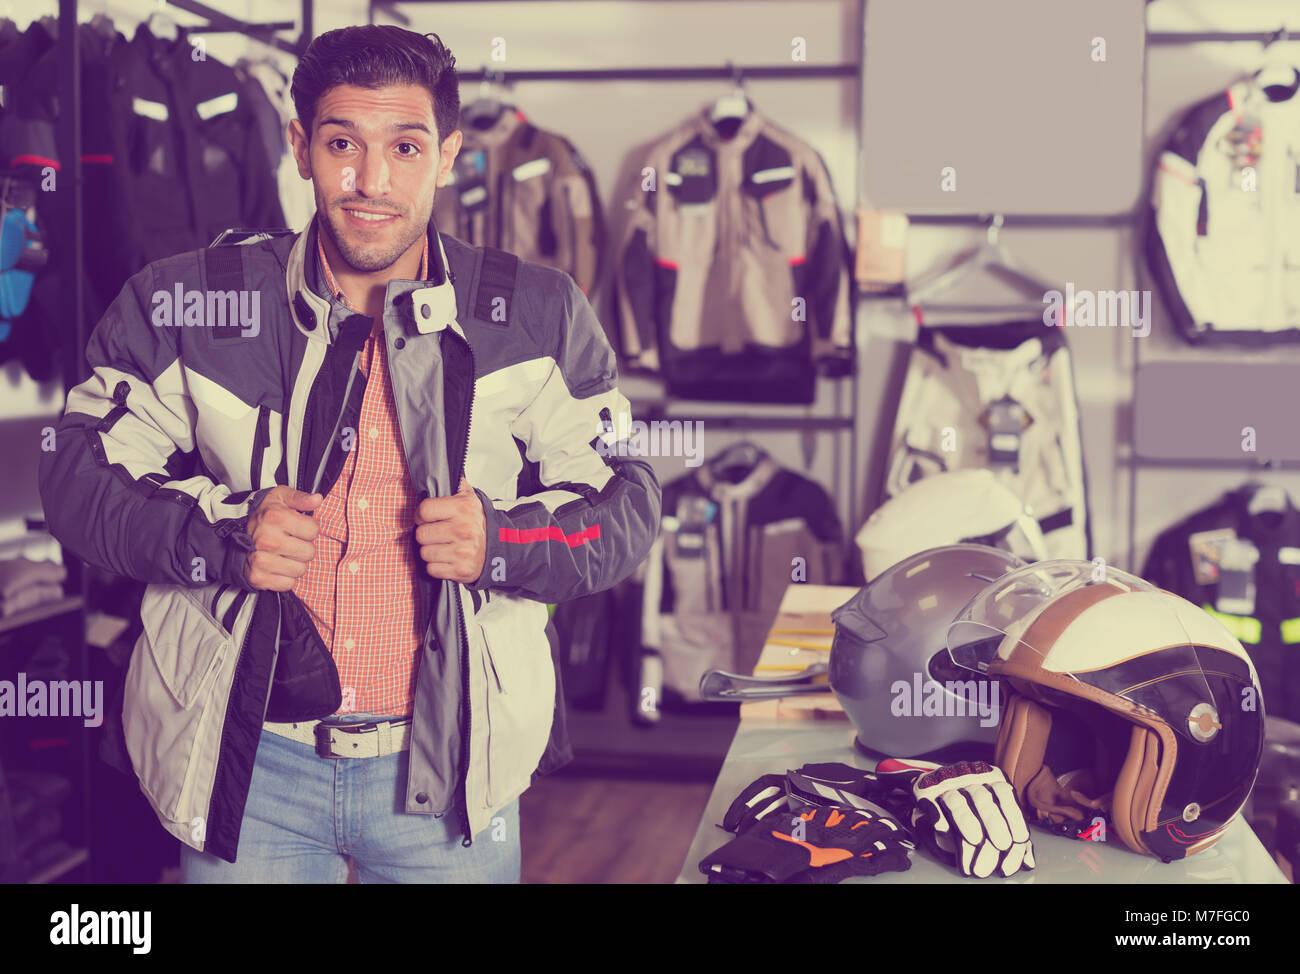 hombre-adulto-esta-tratando-de-nueva-chaqueta-para -moto-en-la-tienda-m7fgc0.jpg 29a09a76d72